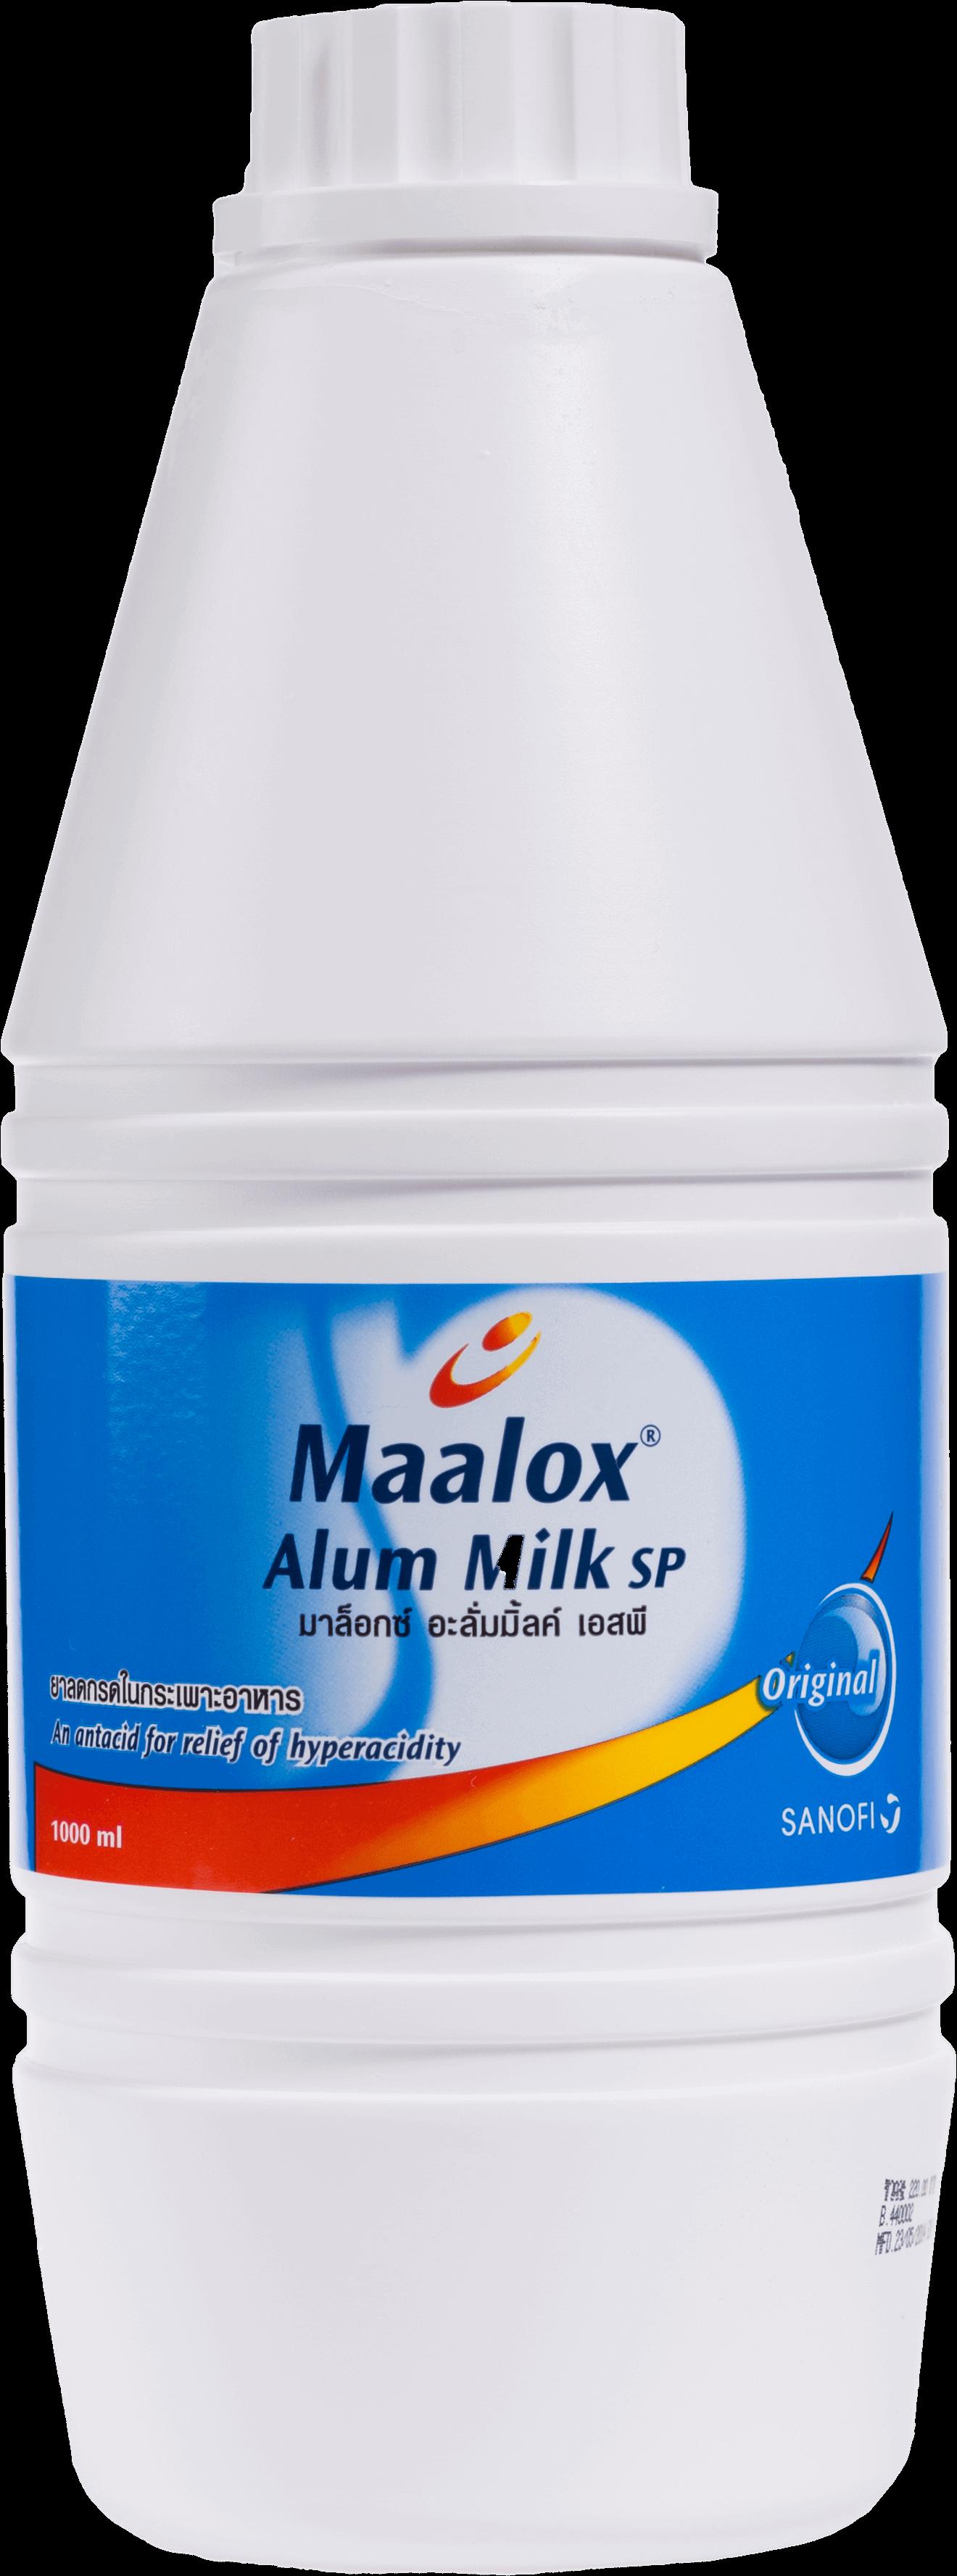 ยาลดกรดในกระเพาะอาหาร Maalox Alum Milk ขนาด 1,000 มล.